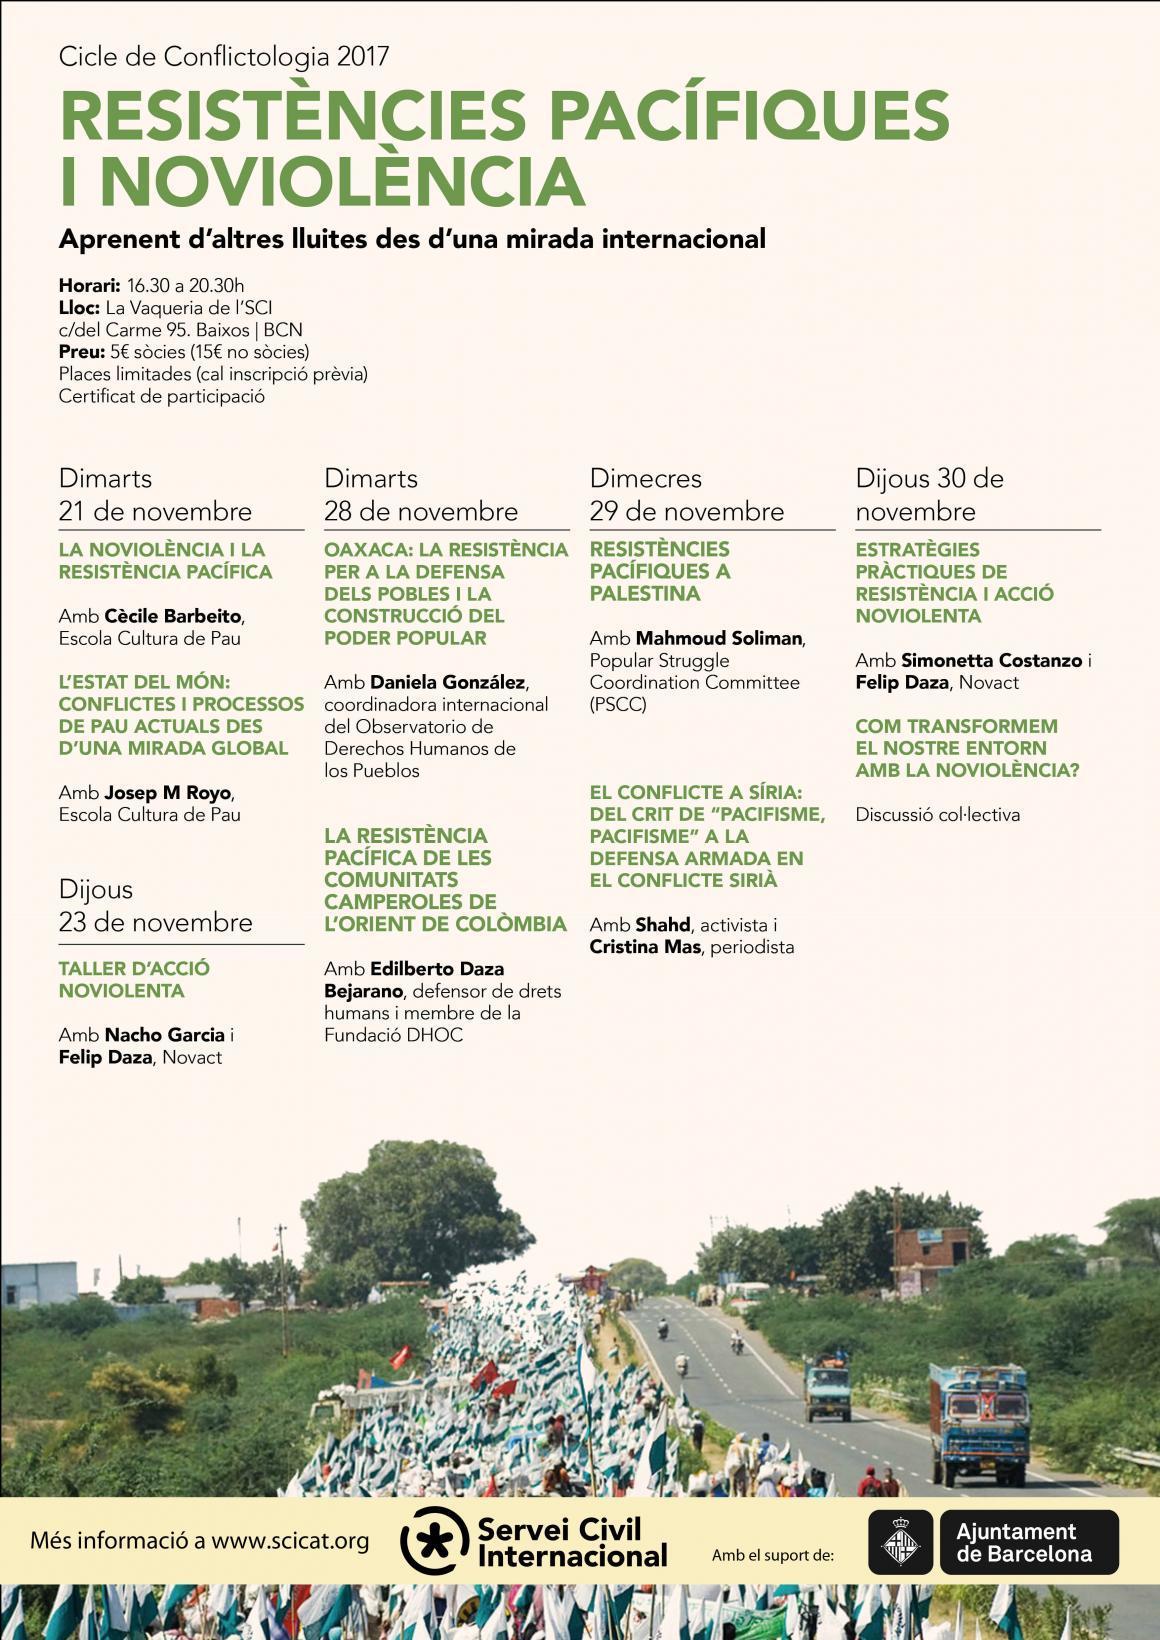 Curs de conflictologia: Resistències pacífiques i noviolència